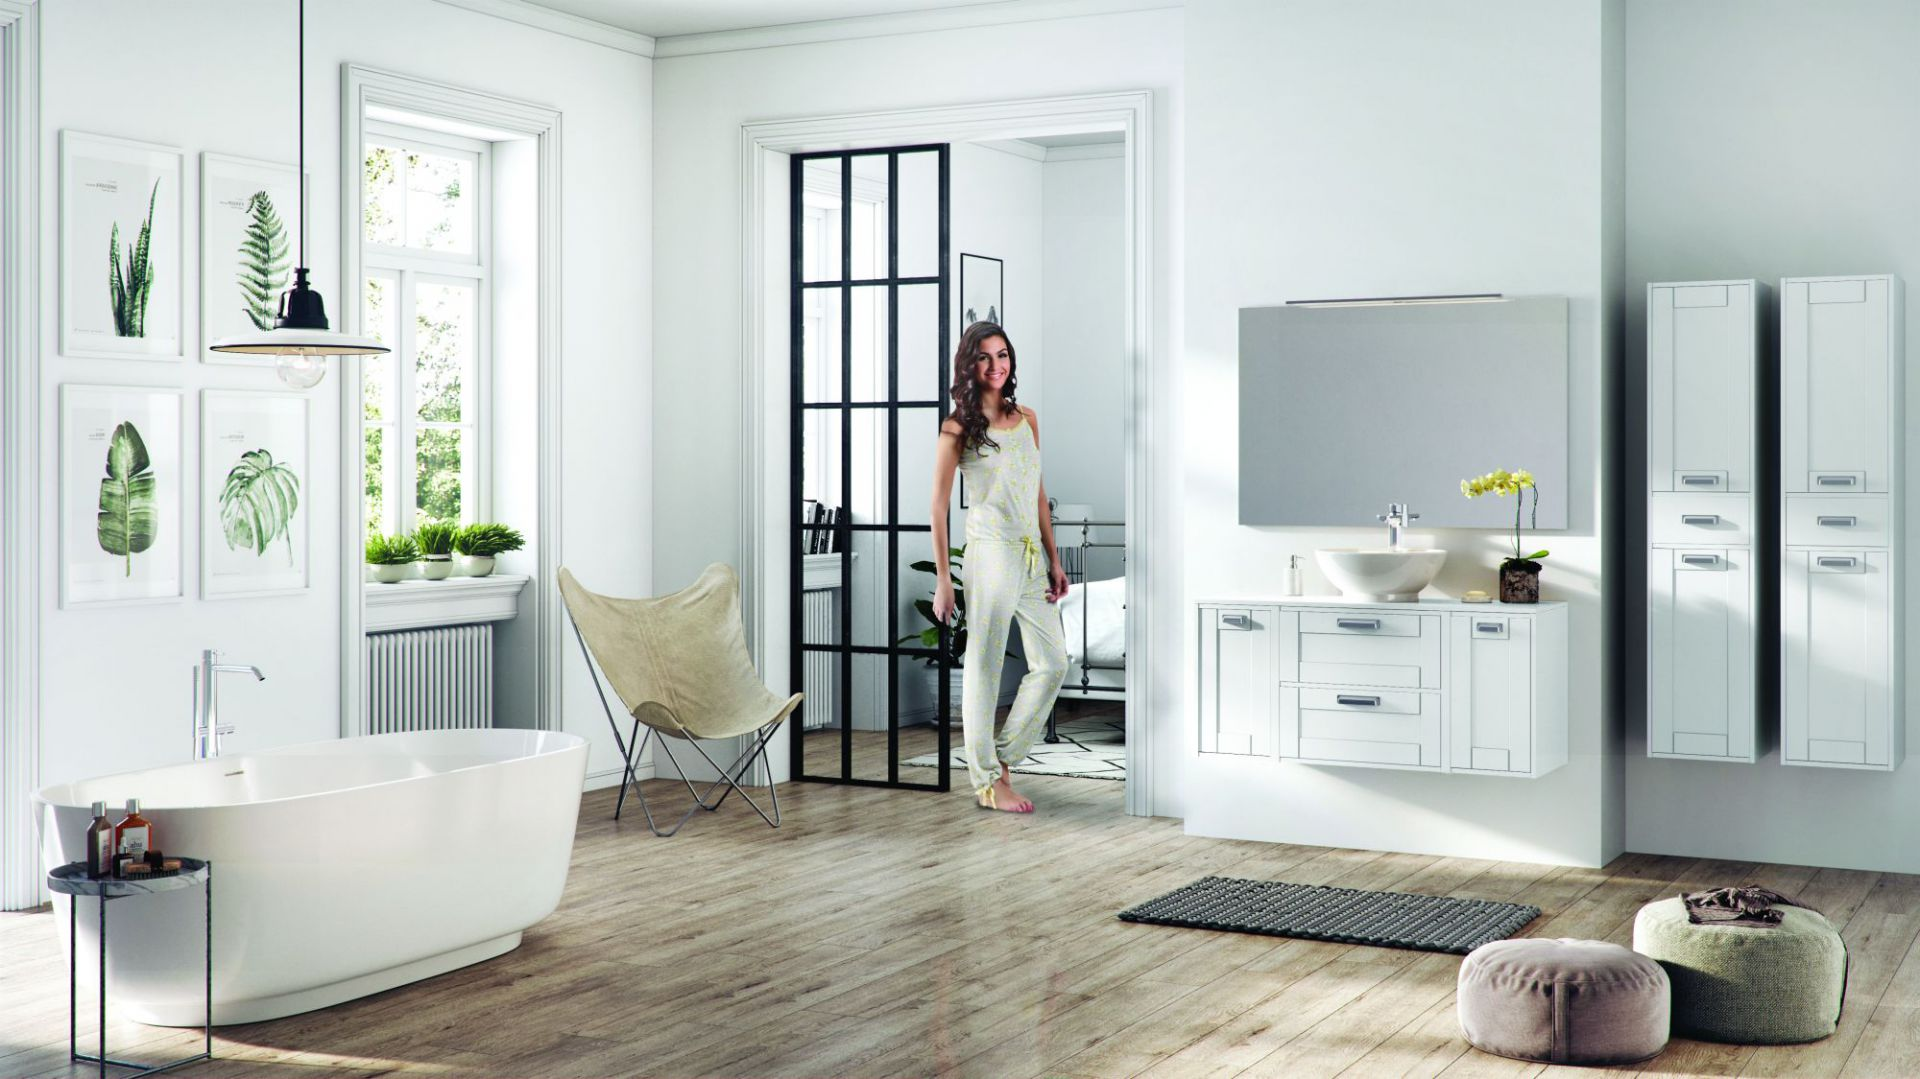 Meble łazienkowe w stylu skandynawskim: kolekcja Inge. Fot. Elita